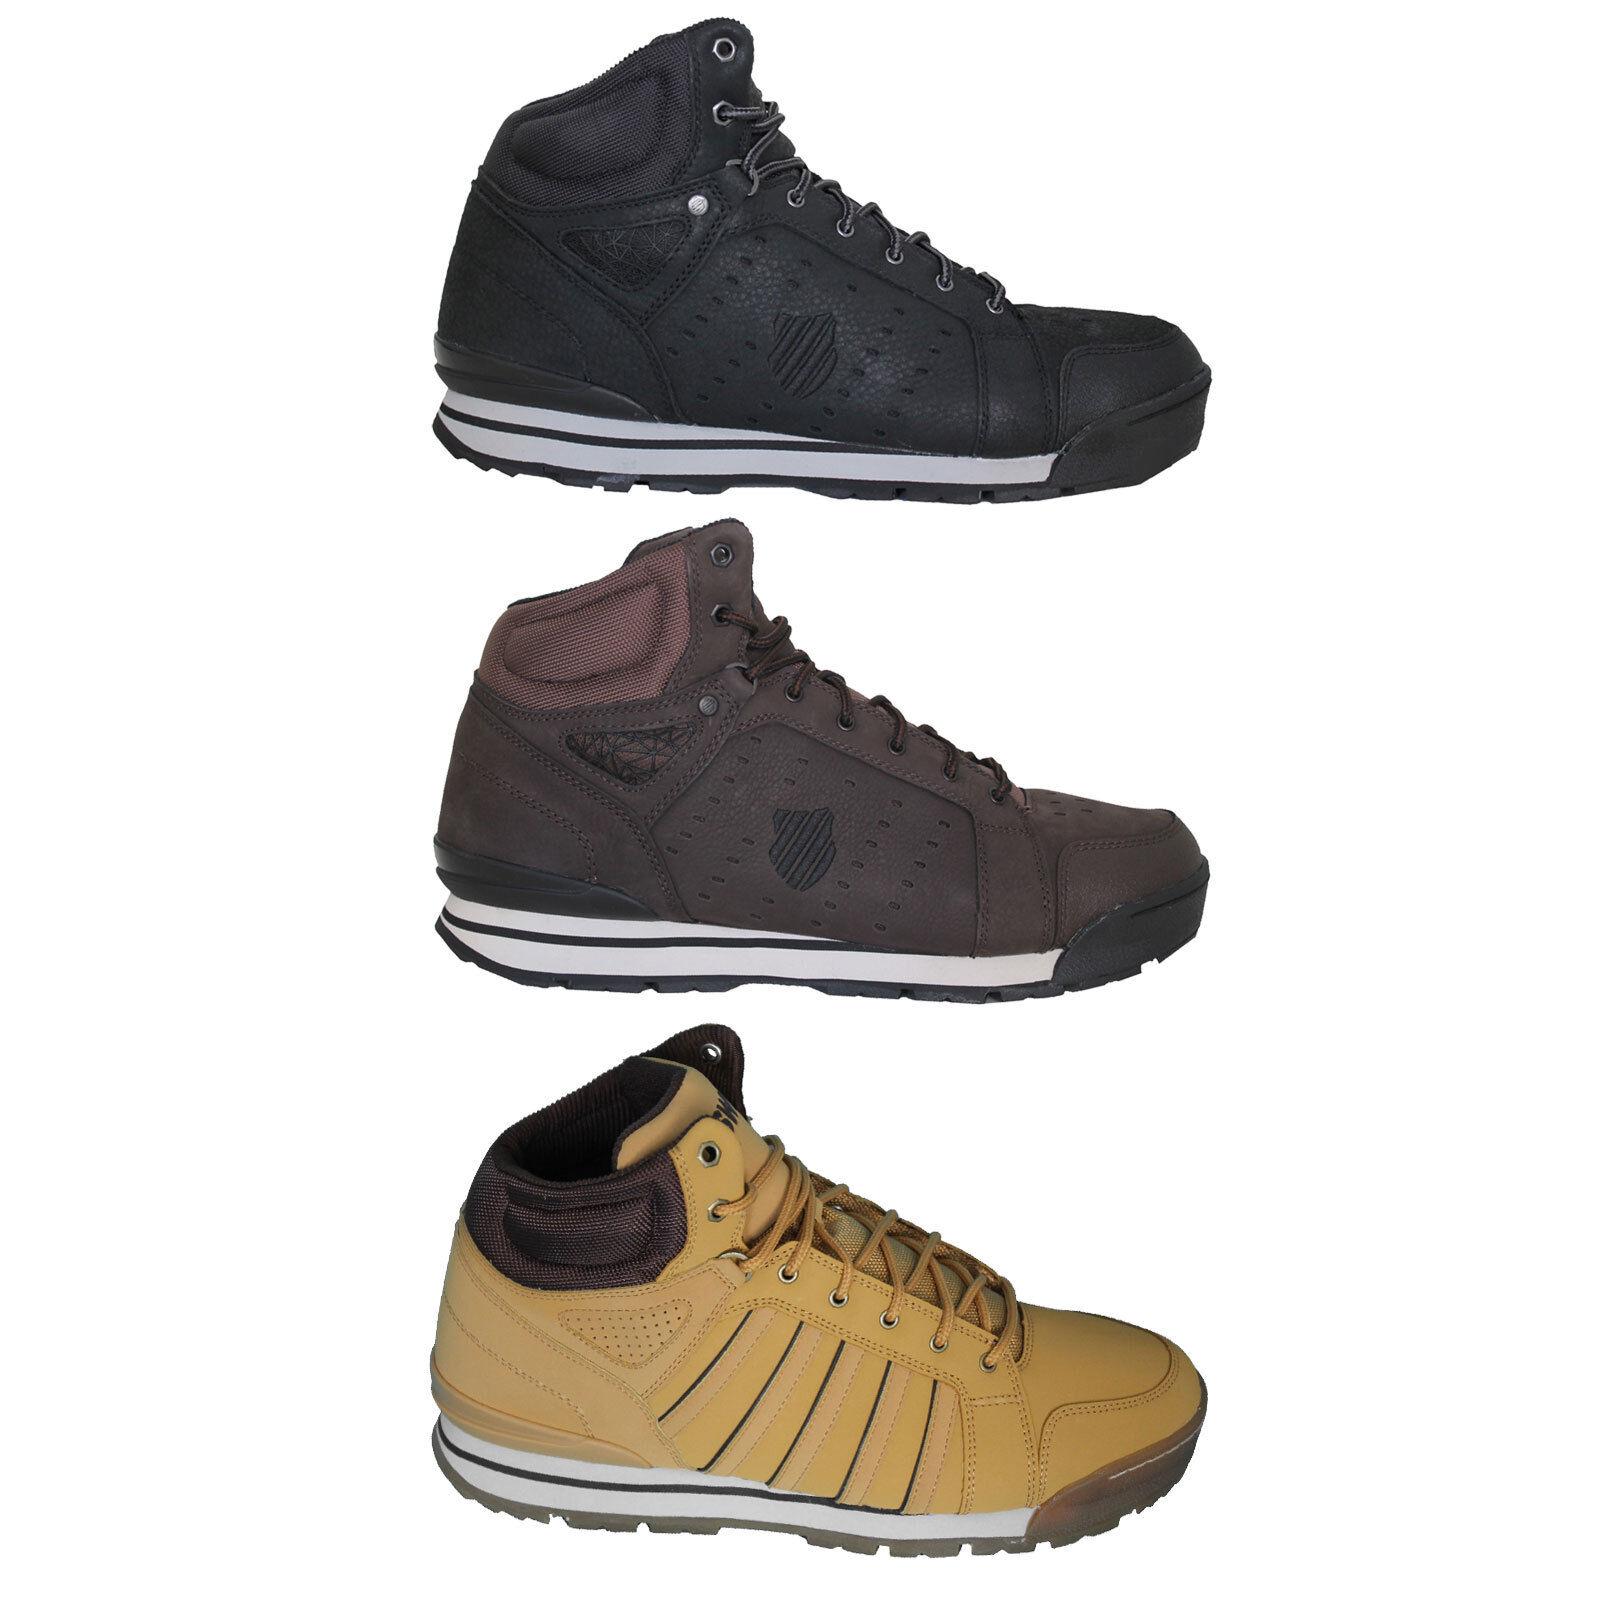 K-swiss Norfolk Botas De Hombre piel Zapatillas deportiva Botín Outdoor piel Hombre NUEVO 2a2c20